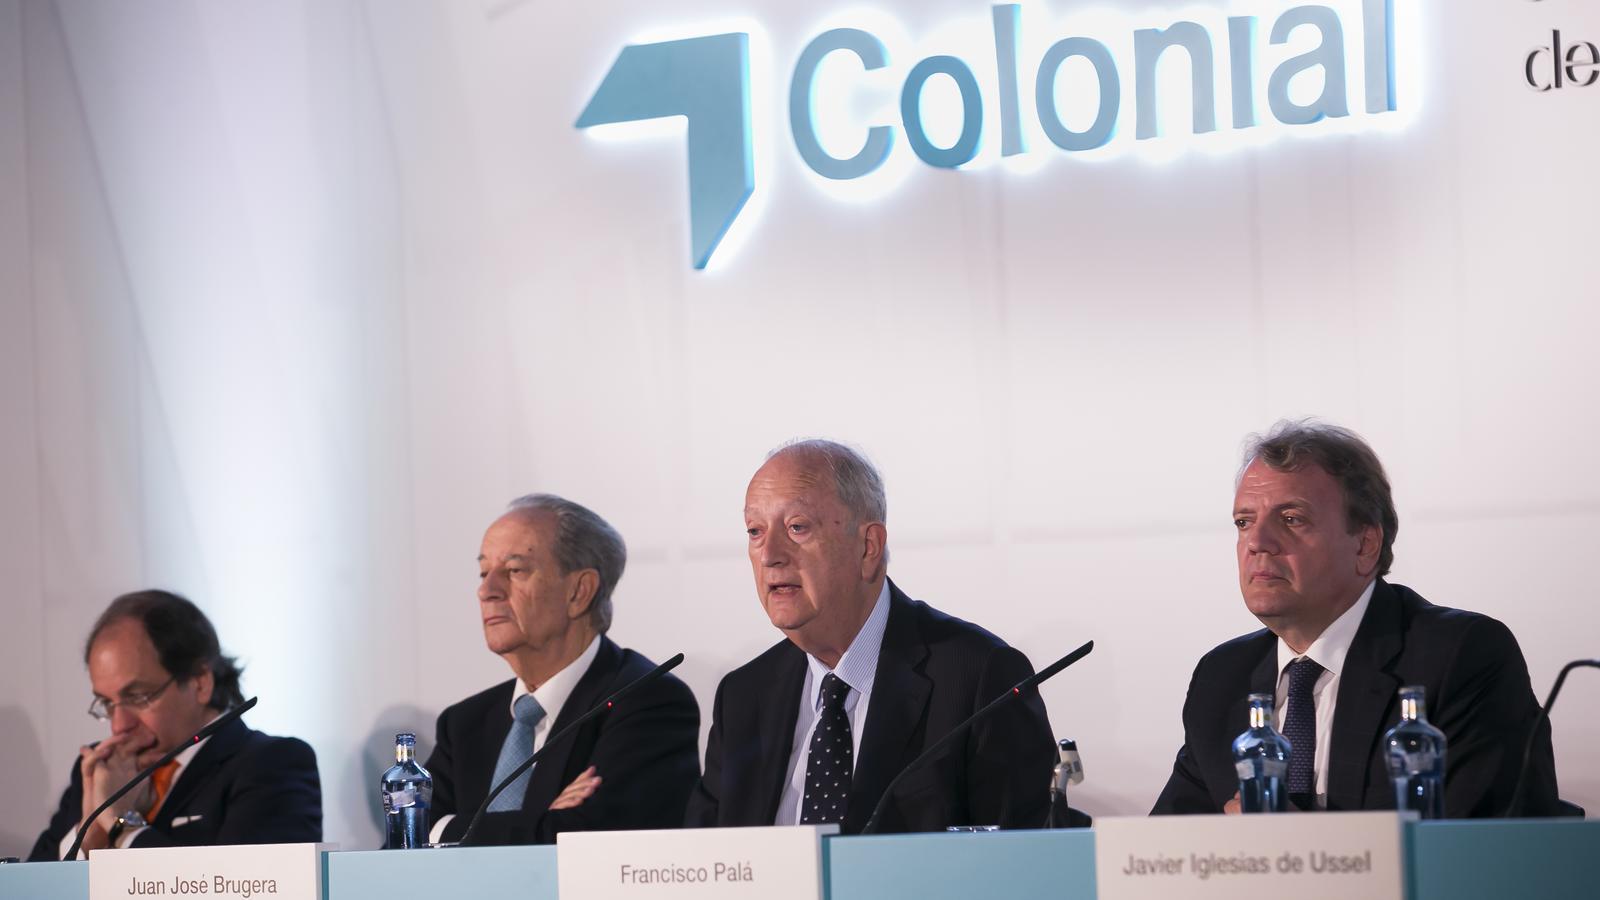 Aprofitant la junta Colonial ha modernitzat el seu logo.